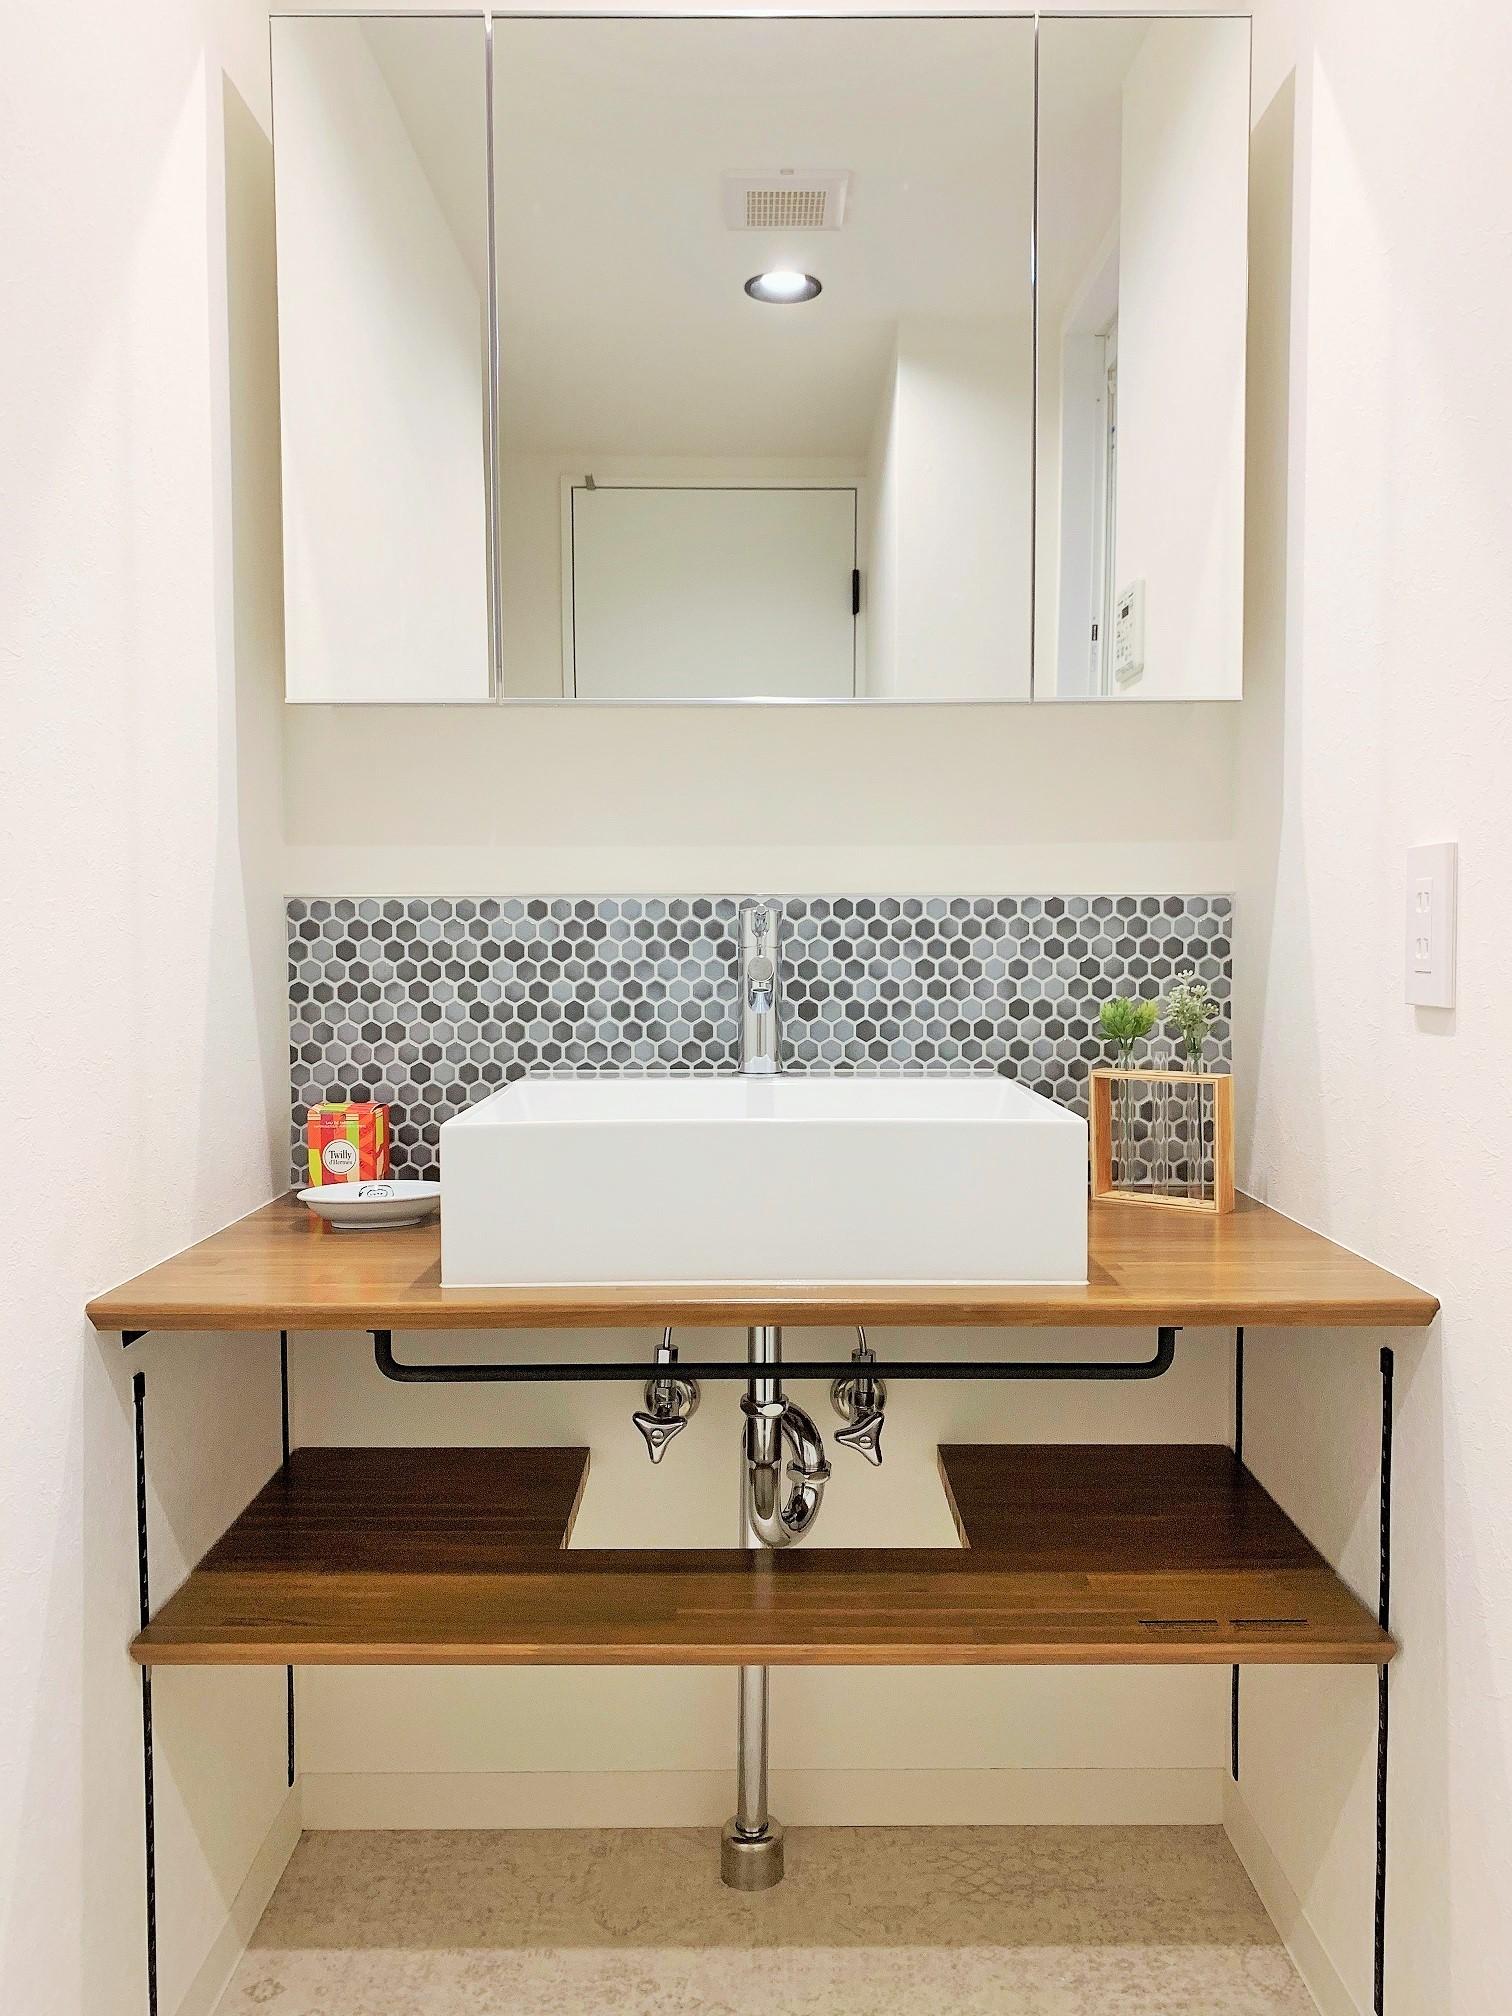 バス/トイレ事例:洗面室(モルタル仕上げの壁がアクセント)